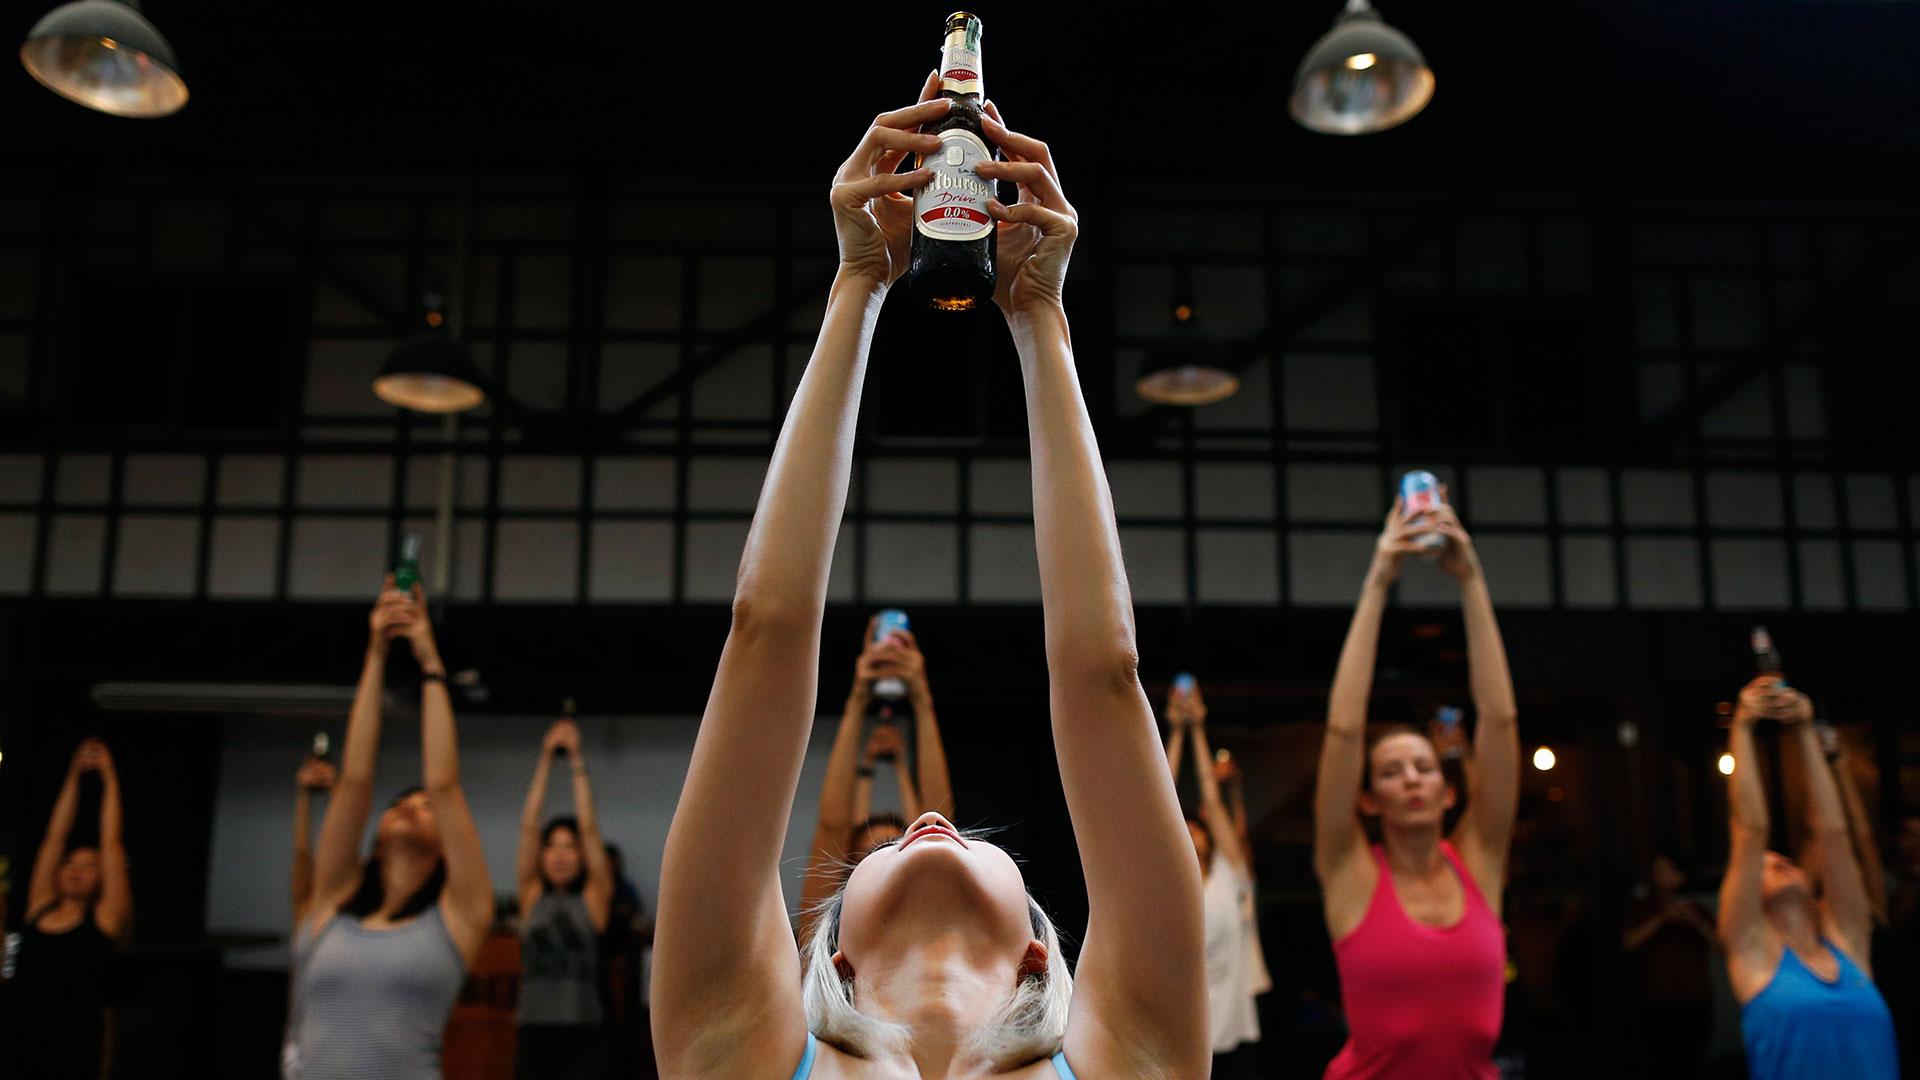 Le yoga bière, une nouvelle discipline en 2017